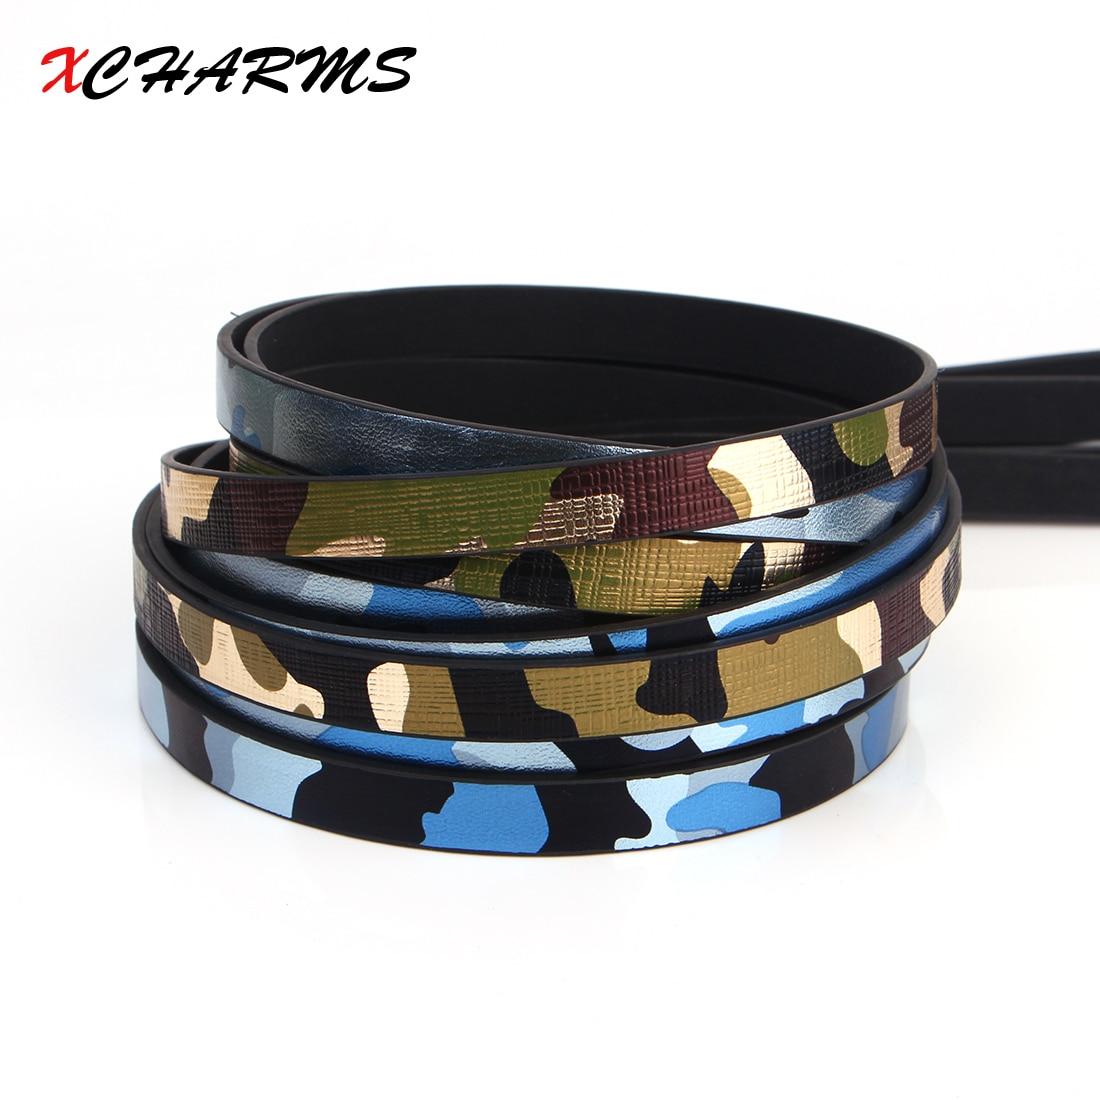 Cuerda de Cordón de cuero plano de 10MM/camuflaje/piezas de accesorios/hallazgos de joyería/hecho a mano/Fabricación de joyas/material de pulsera